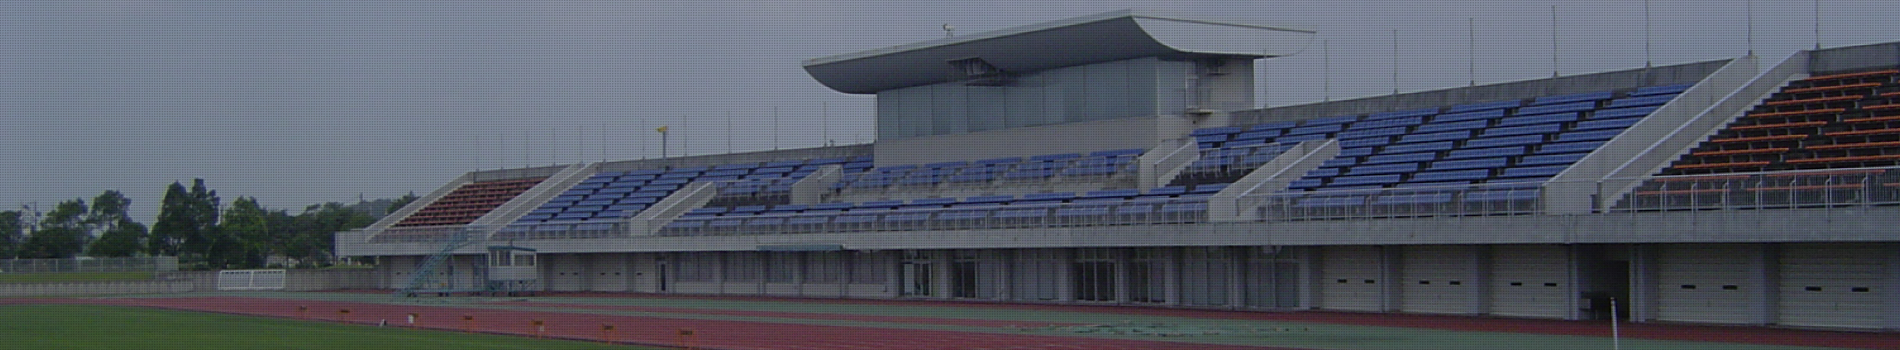 東員町陸上競技場   ヴィアティン三重公式サイト 三重県にJ ...